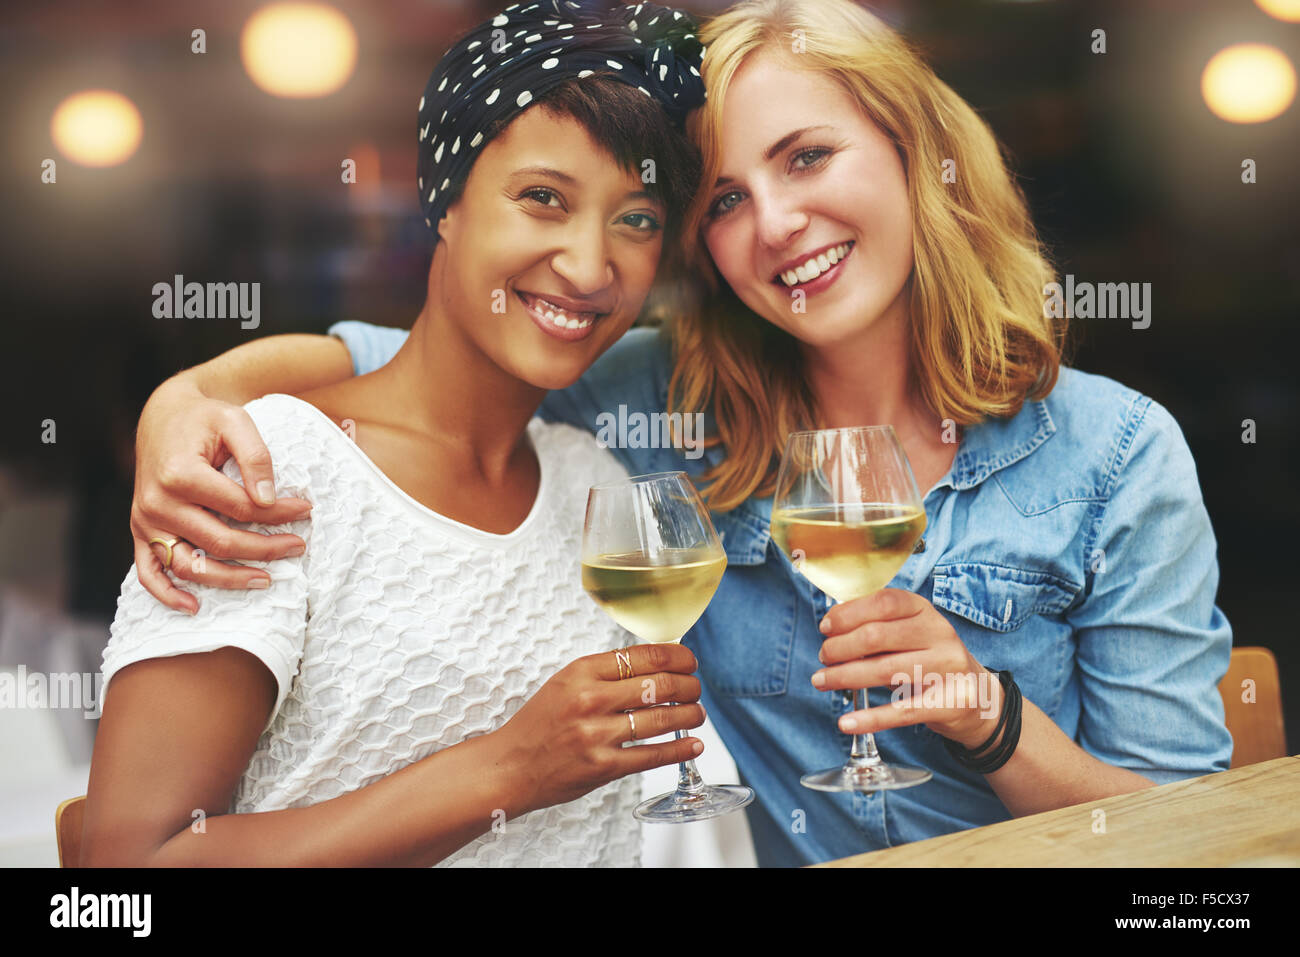 Dos hermosas jóvenes mujeres multiétnicas disfrutando de una copa de vino elevando sus copas en un brindis Imagen De Stock